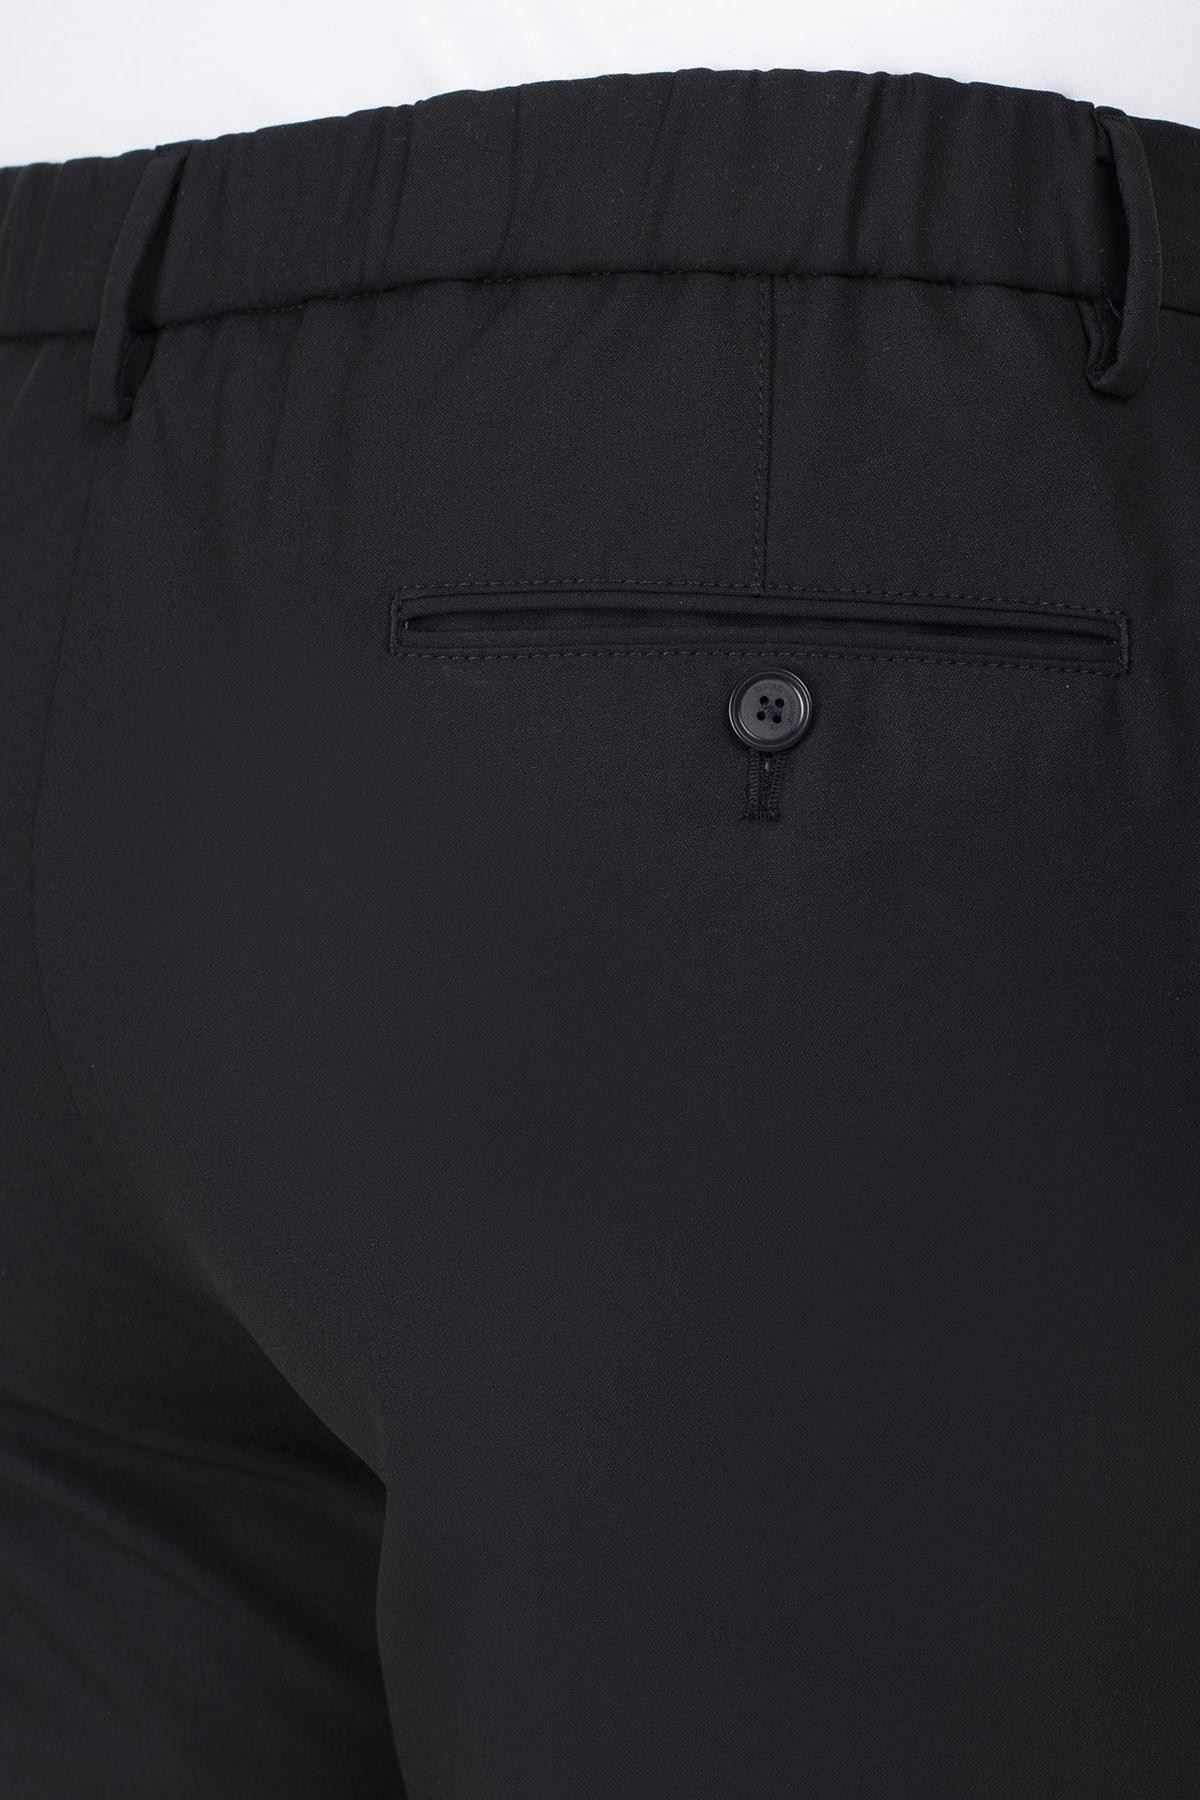 Emporio Armani Erkek Pantolon 51P35S 51573 999 SİYAH